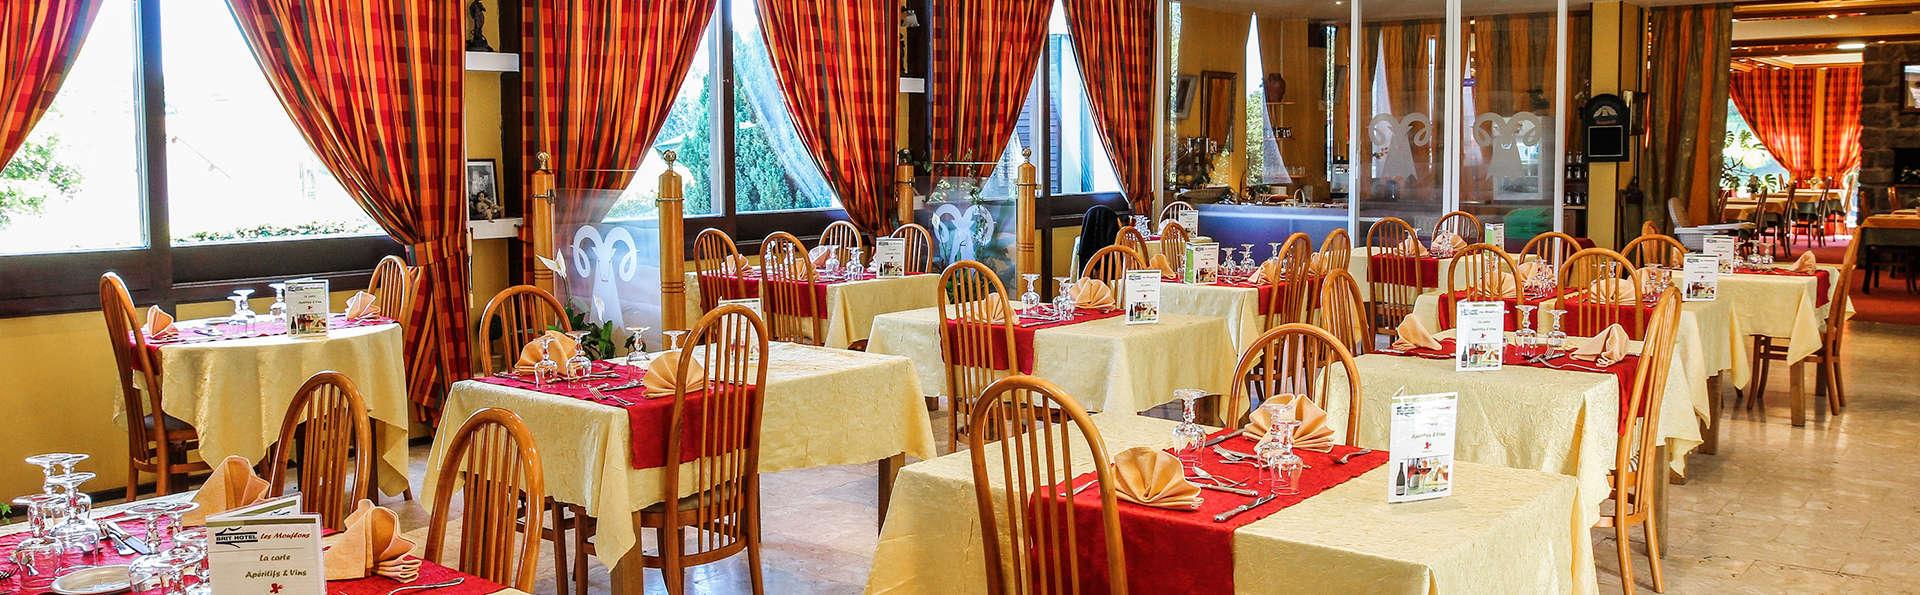 Voyage culinaire près des volcans d'Auvergne